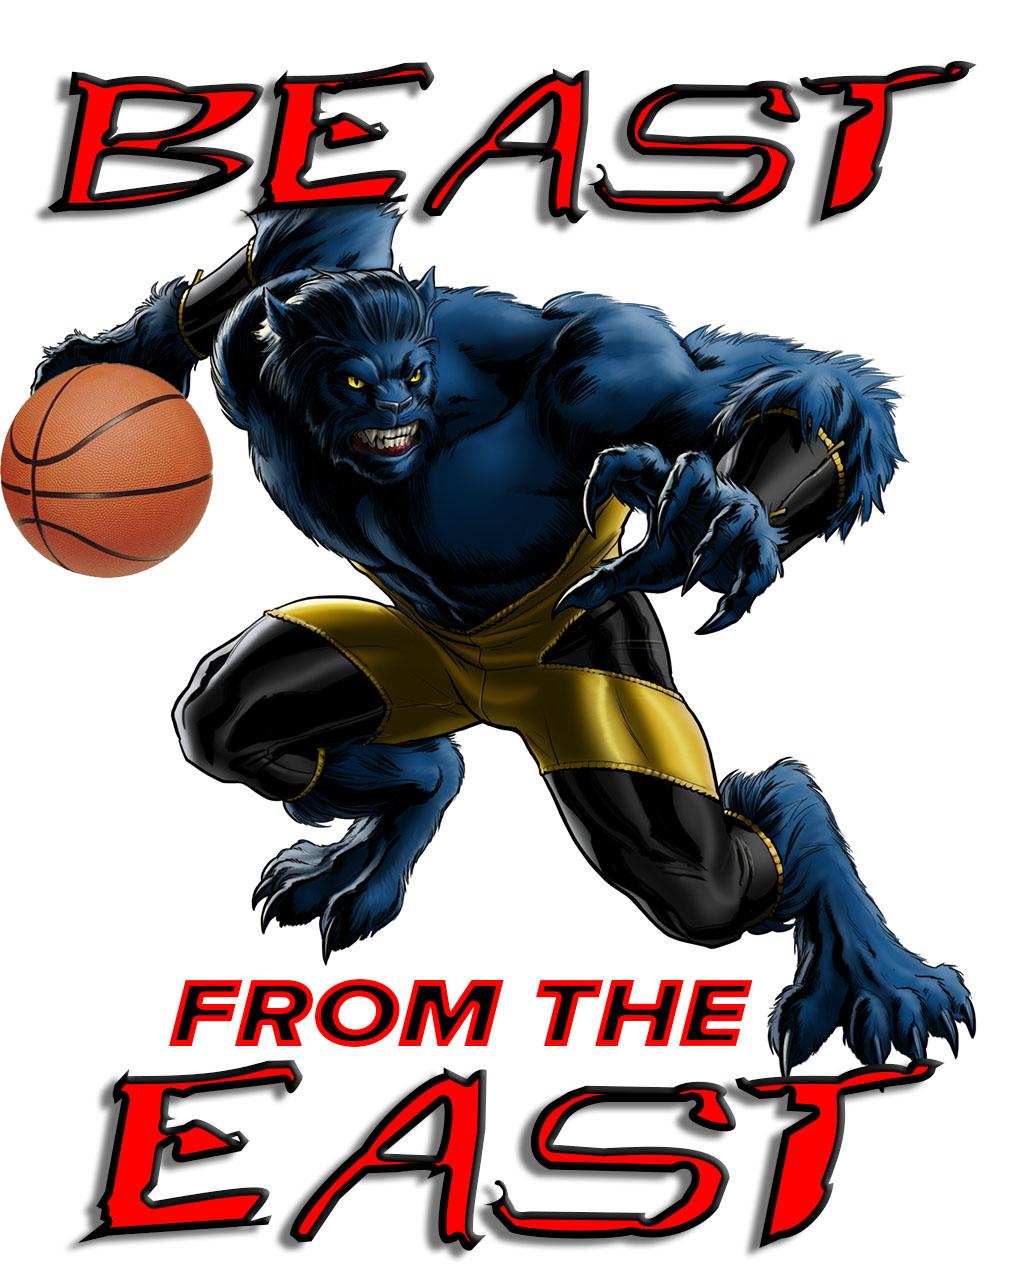 Beast_from_East_BestoftheBest.jpg